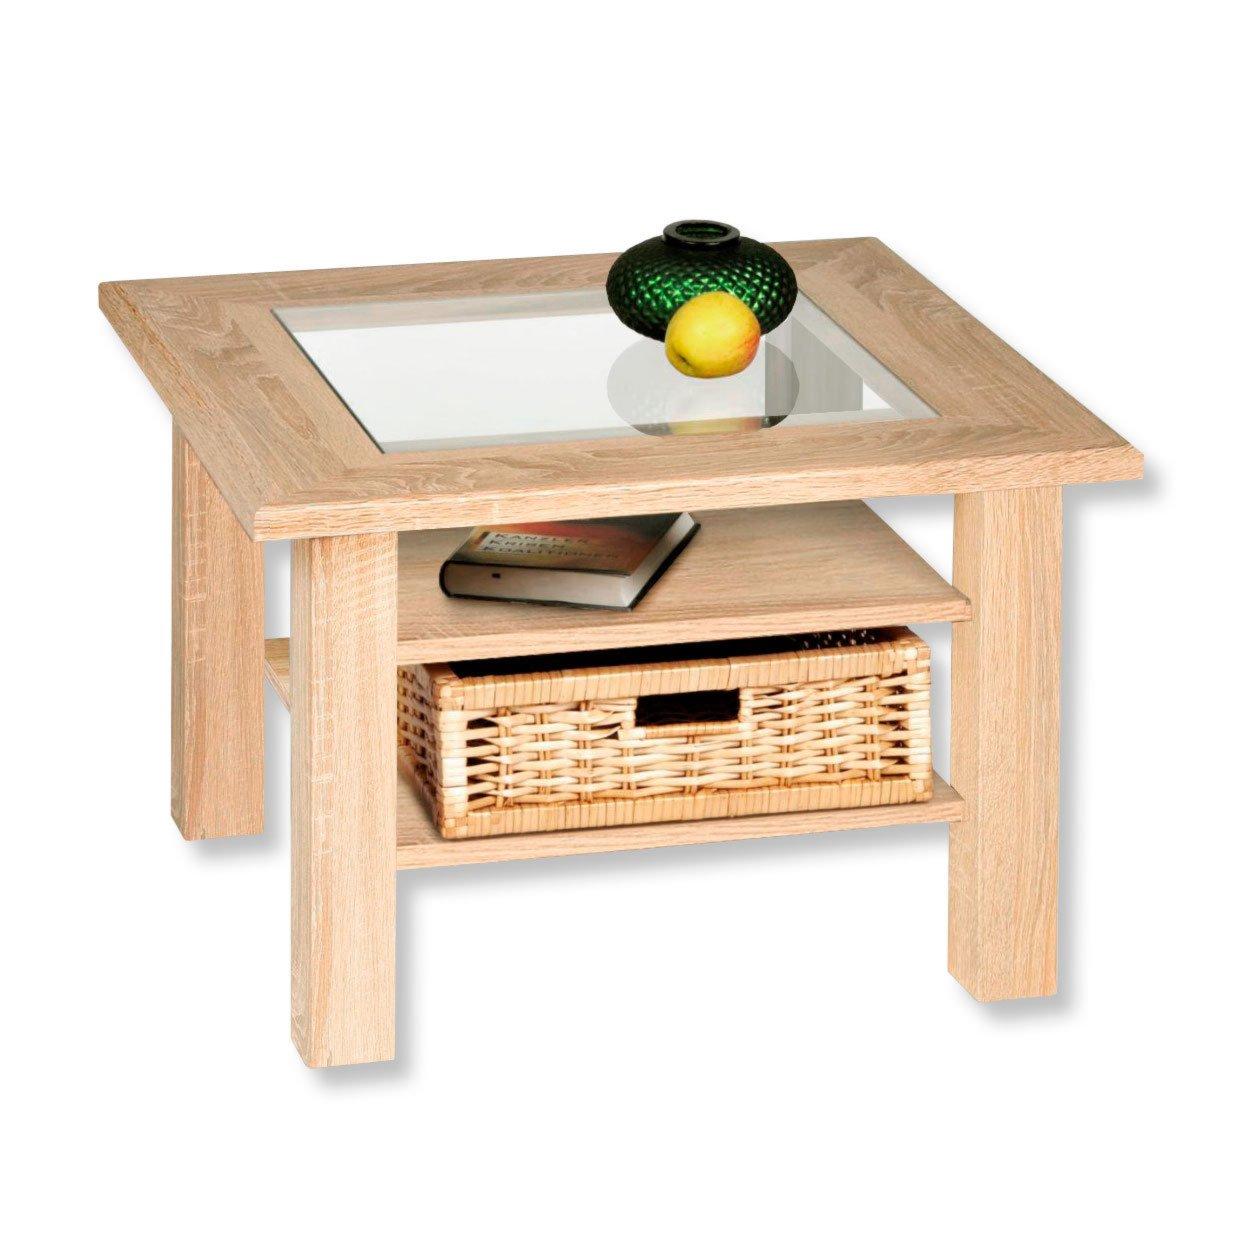 couchtisch steffi sonoma eiche mit glaseinlage couchtische wohnzimmer wohnbereiche. Black Bedroom Furniture Sets. Home Design Ideas